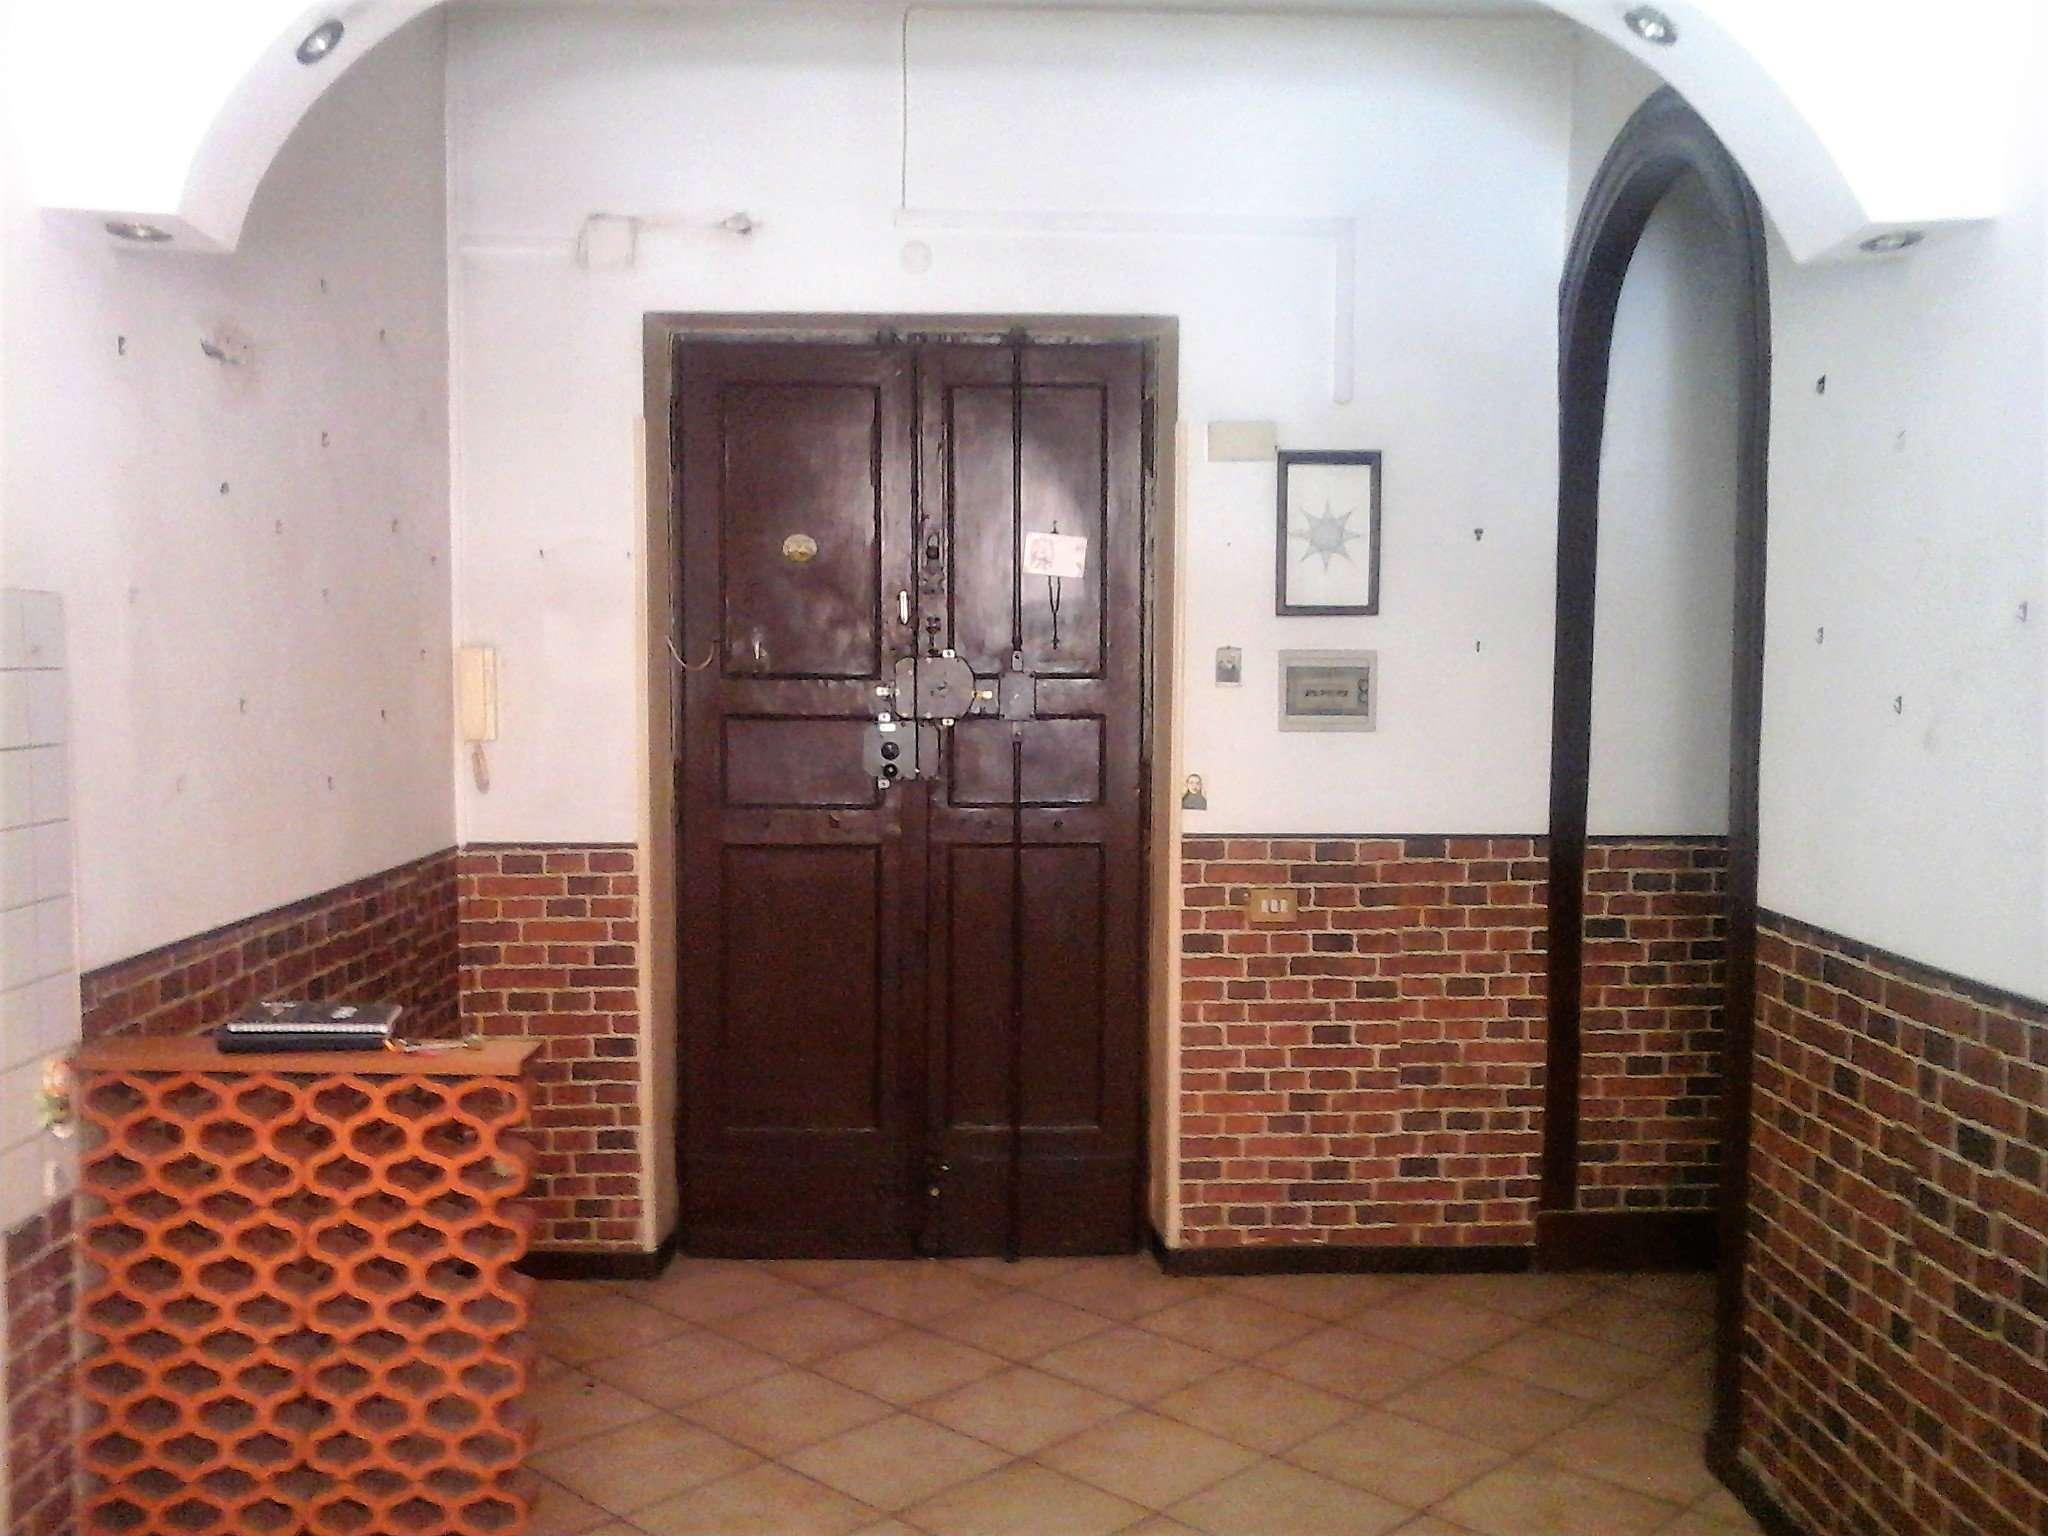 Uffici e studi in affitto a roma pag 7 for Locali uso ufficio in affitto a roma